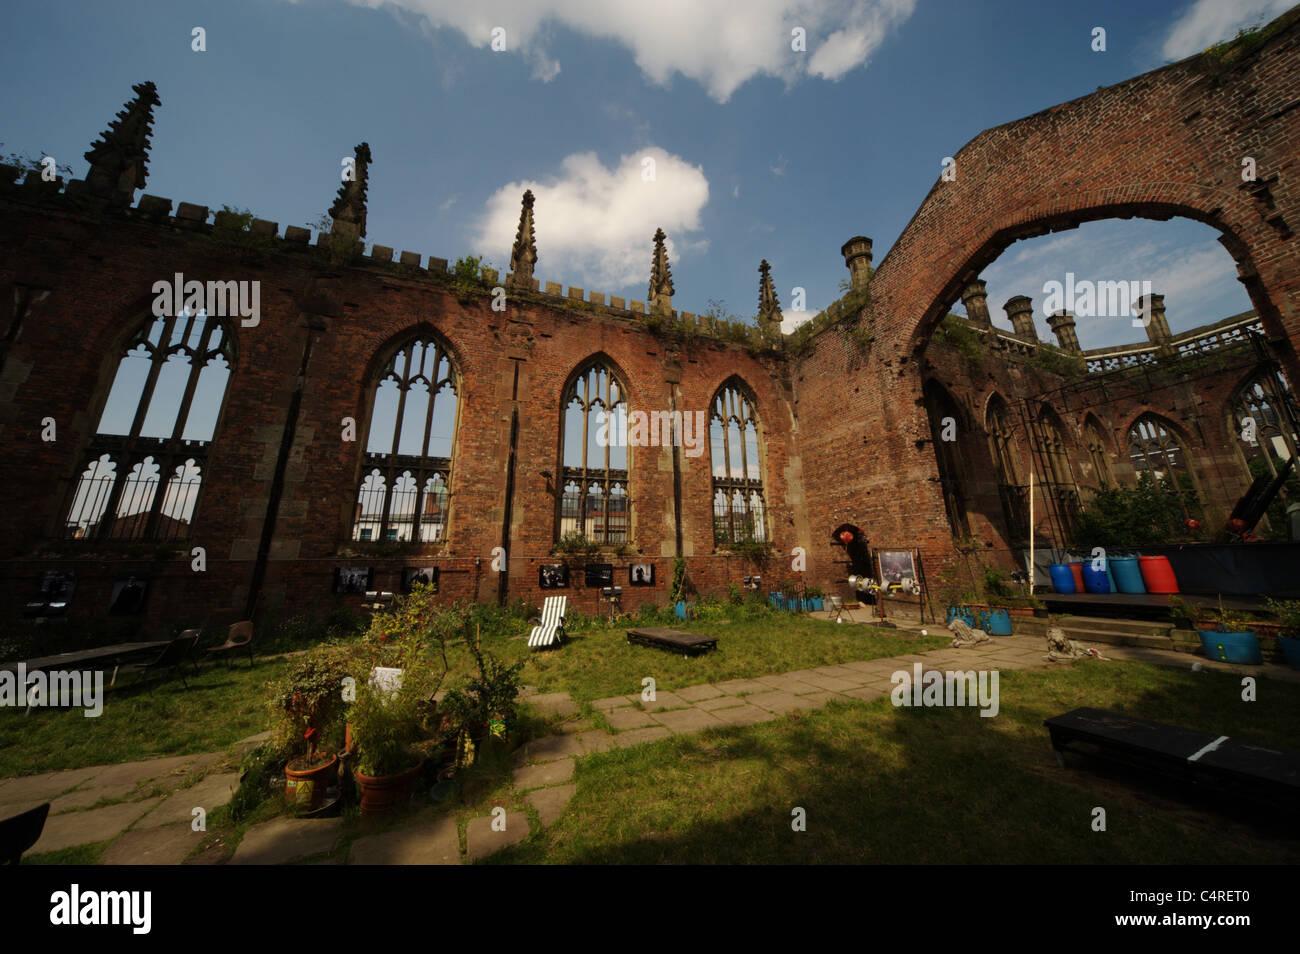 St Lukes Kirche, bekannt als die ausgebombten Kirche im Zentrum von Liverpool, England UK Stockbild